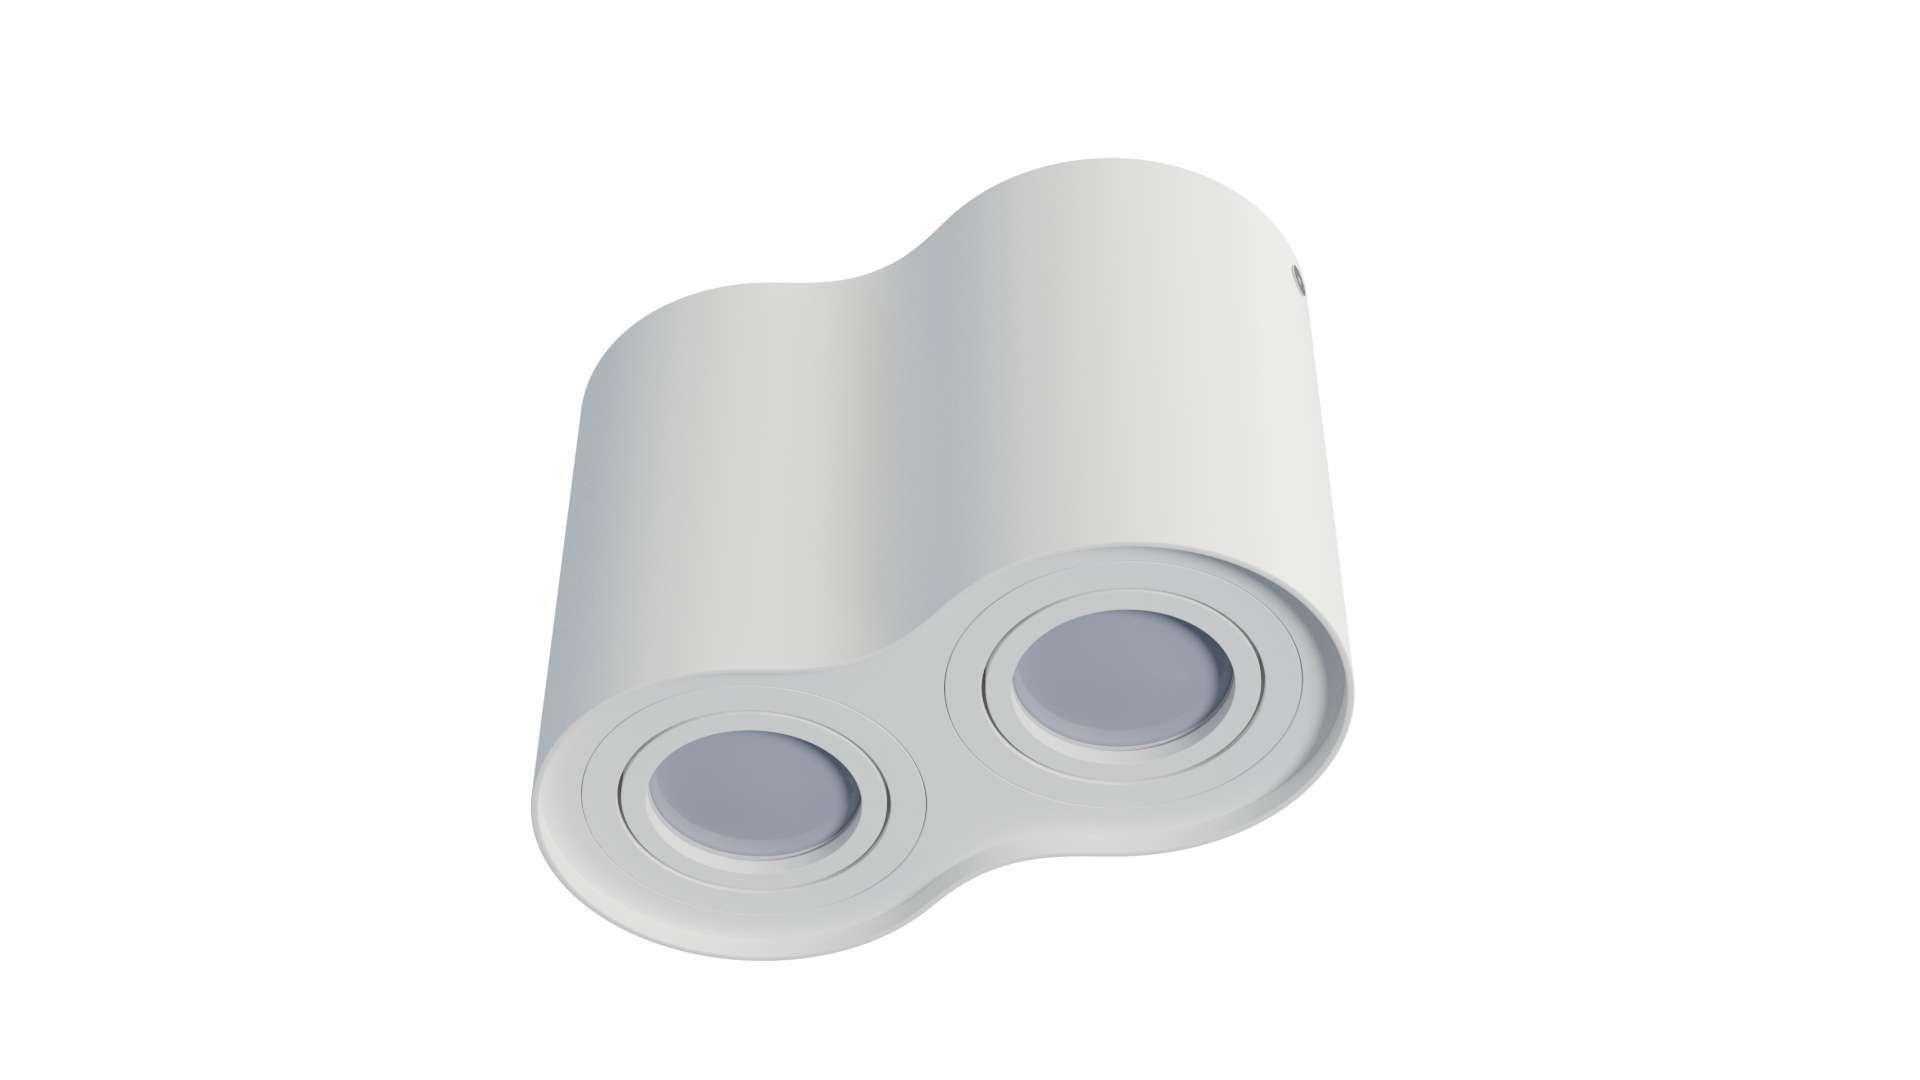 Oprawa natynkowa LENO 2x okrągła biała